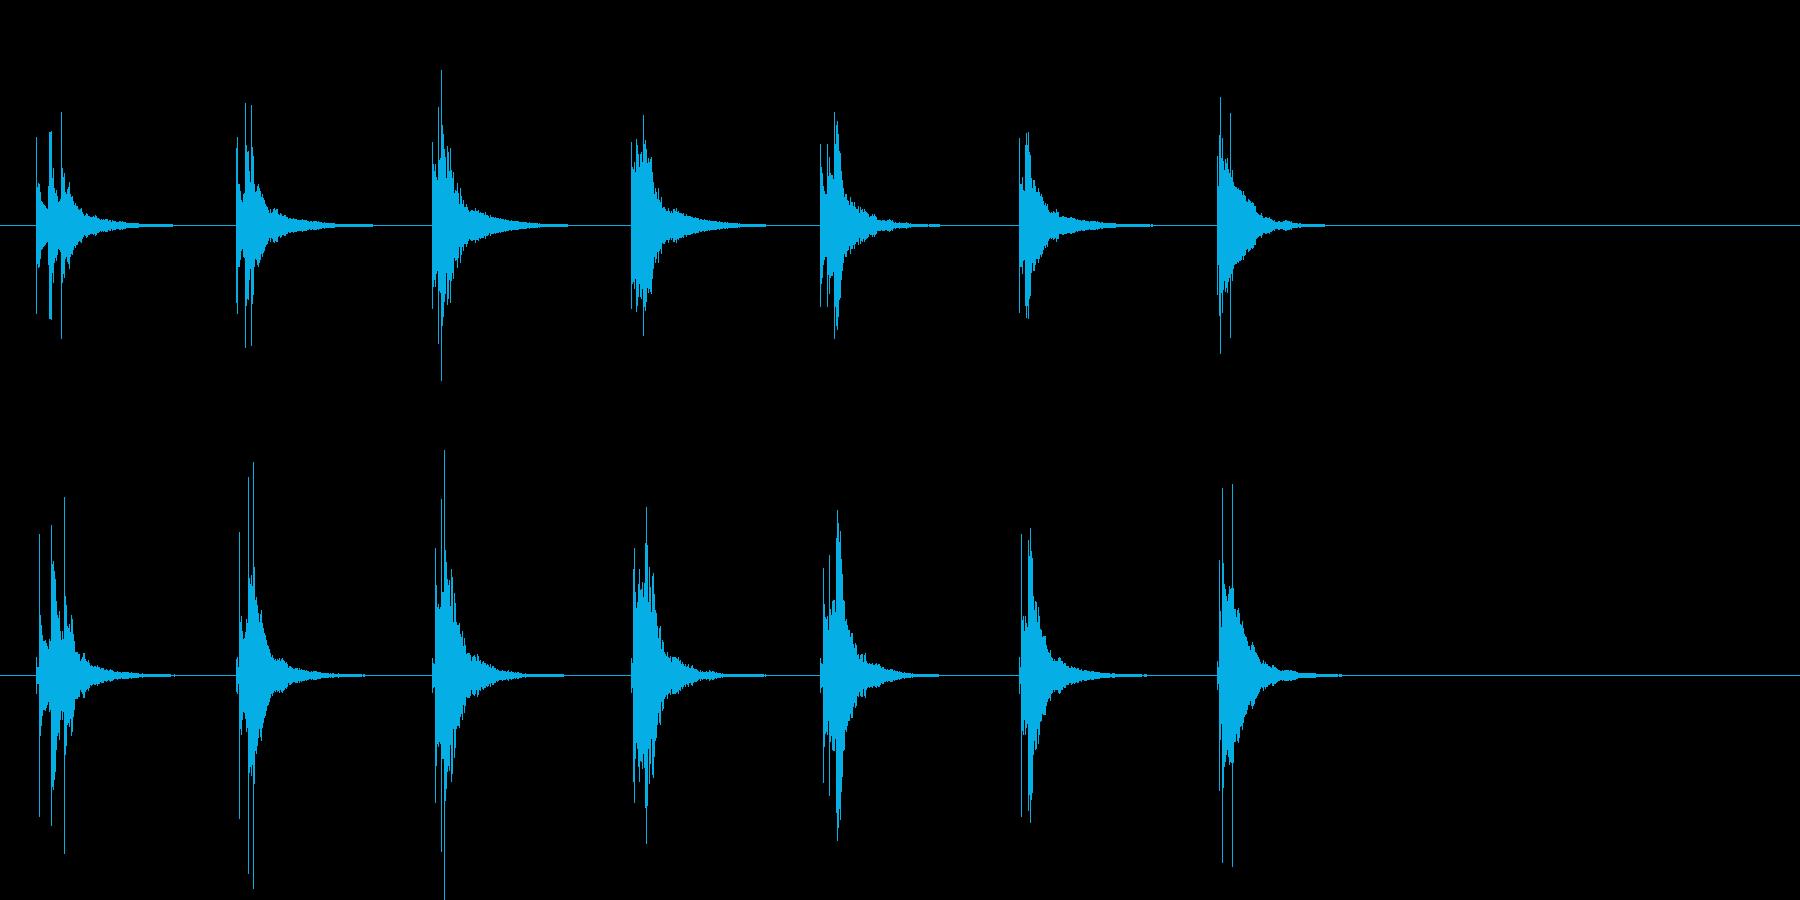 木琴の和音アイキャッチの再生済みの波形